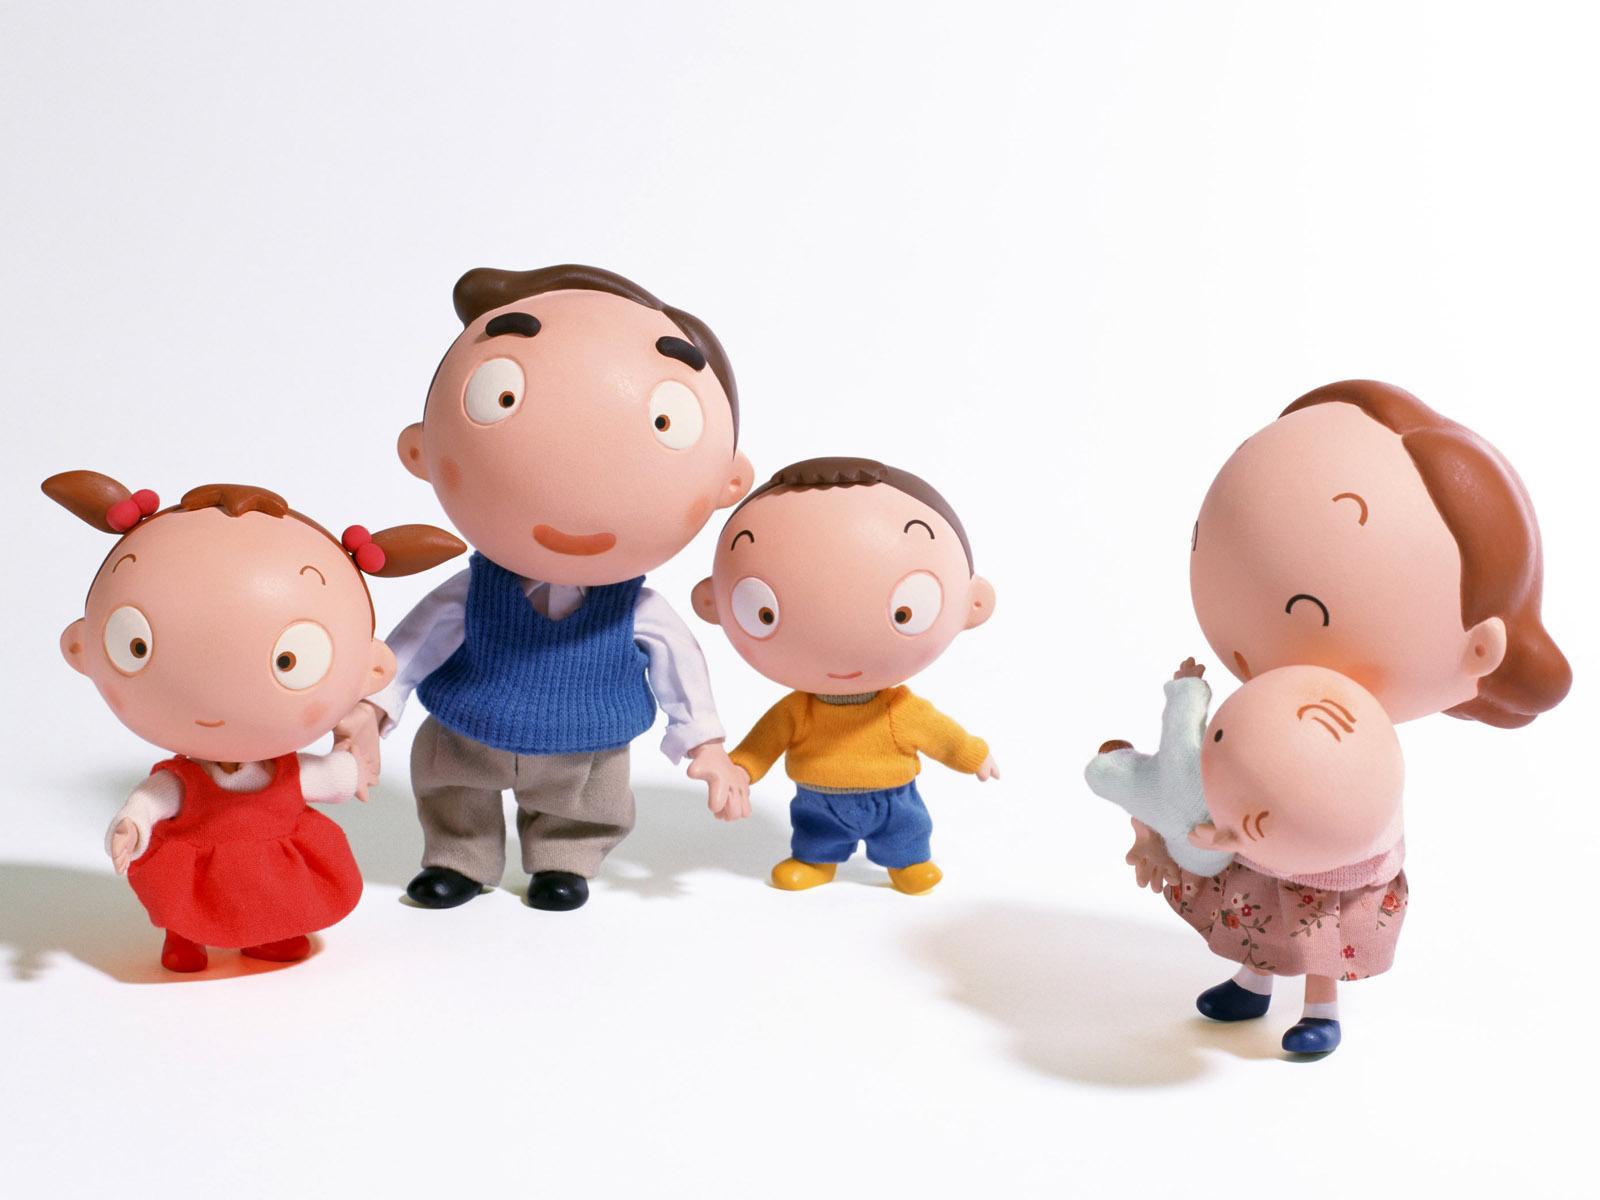 Download Happy Family Happy Life Cute Cartoon Picture Family Cartoon Wallpaper Hd 1600x1200 Wallpaper Teahub Io